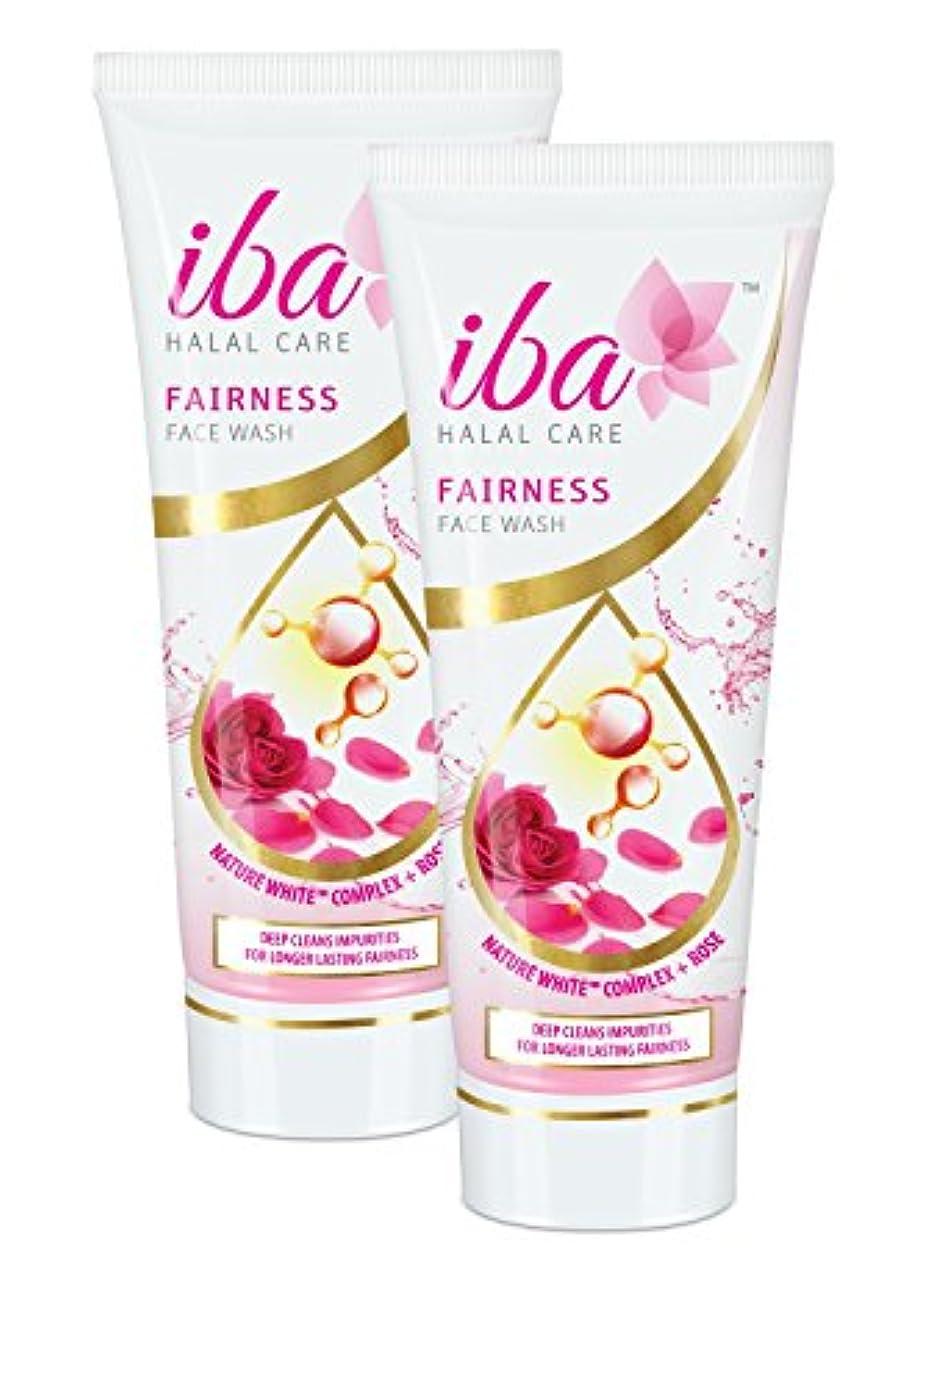 垂直リゾートフェードアウトIba Halal Care Fairness Face Wash, 100ml (Pack of 2)